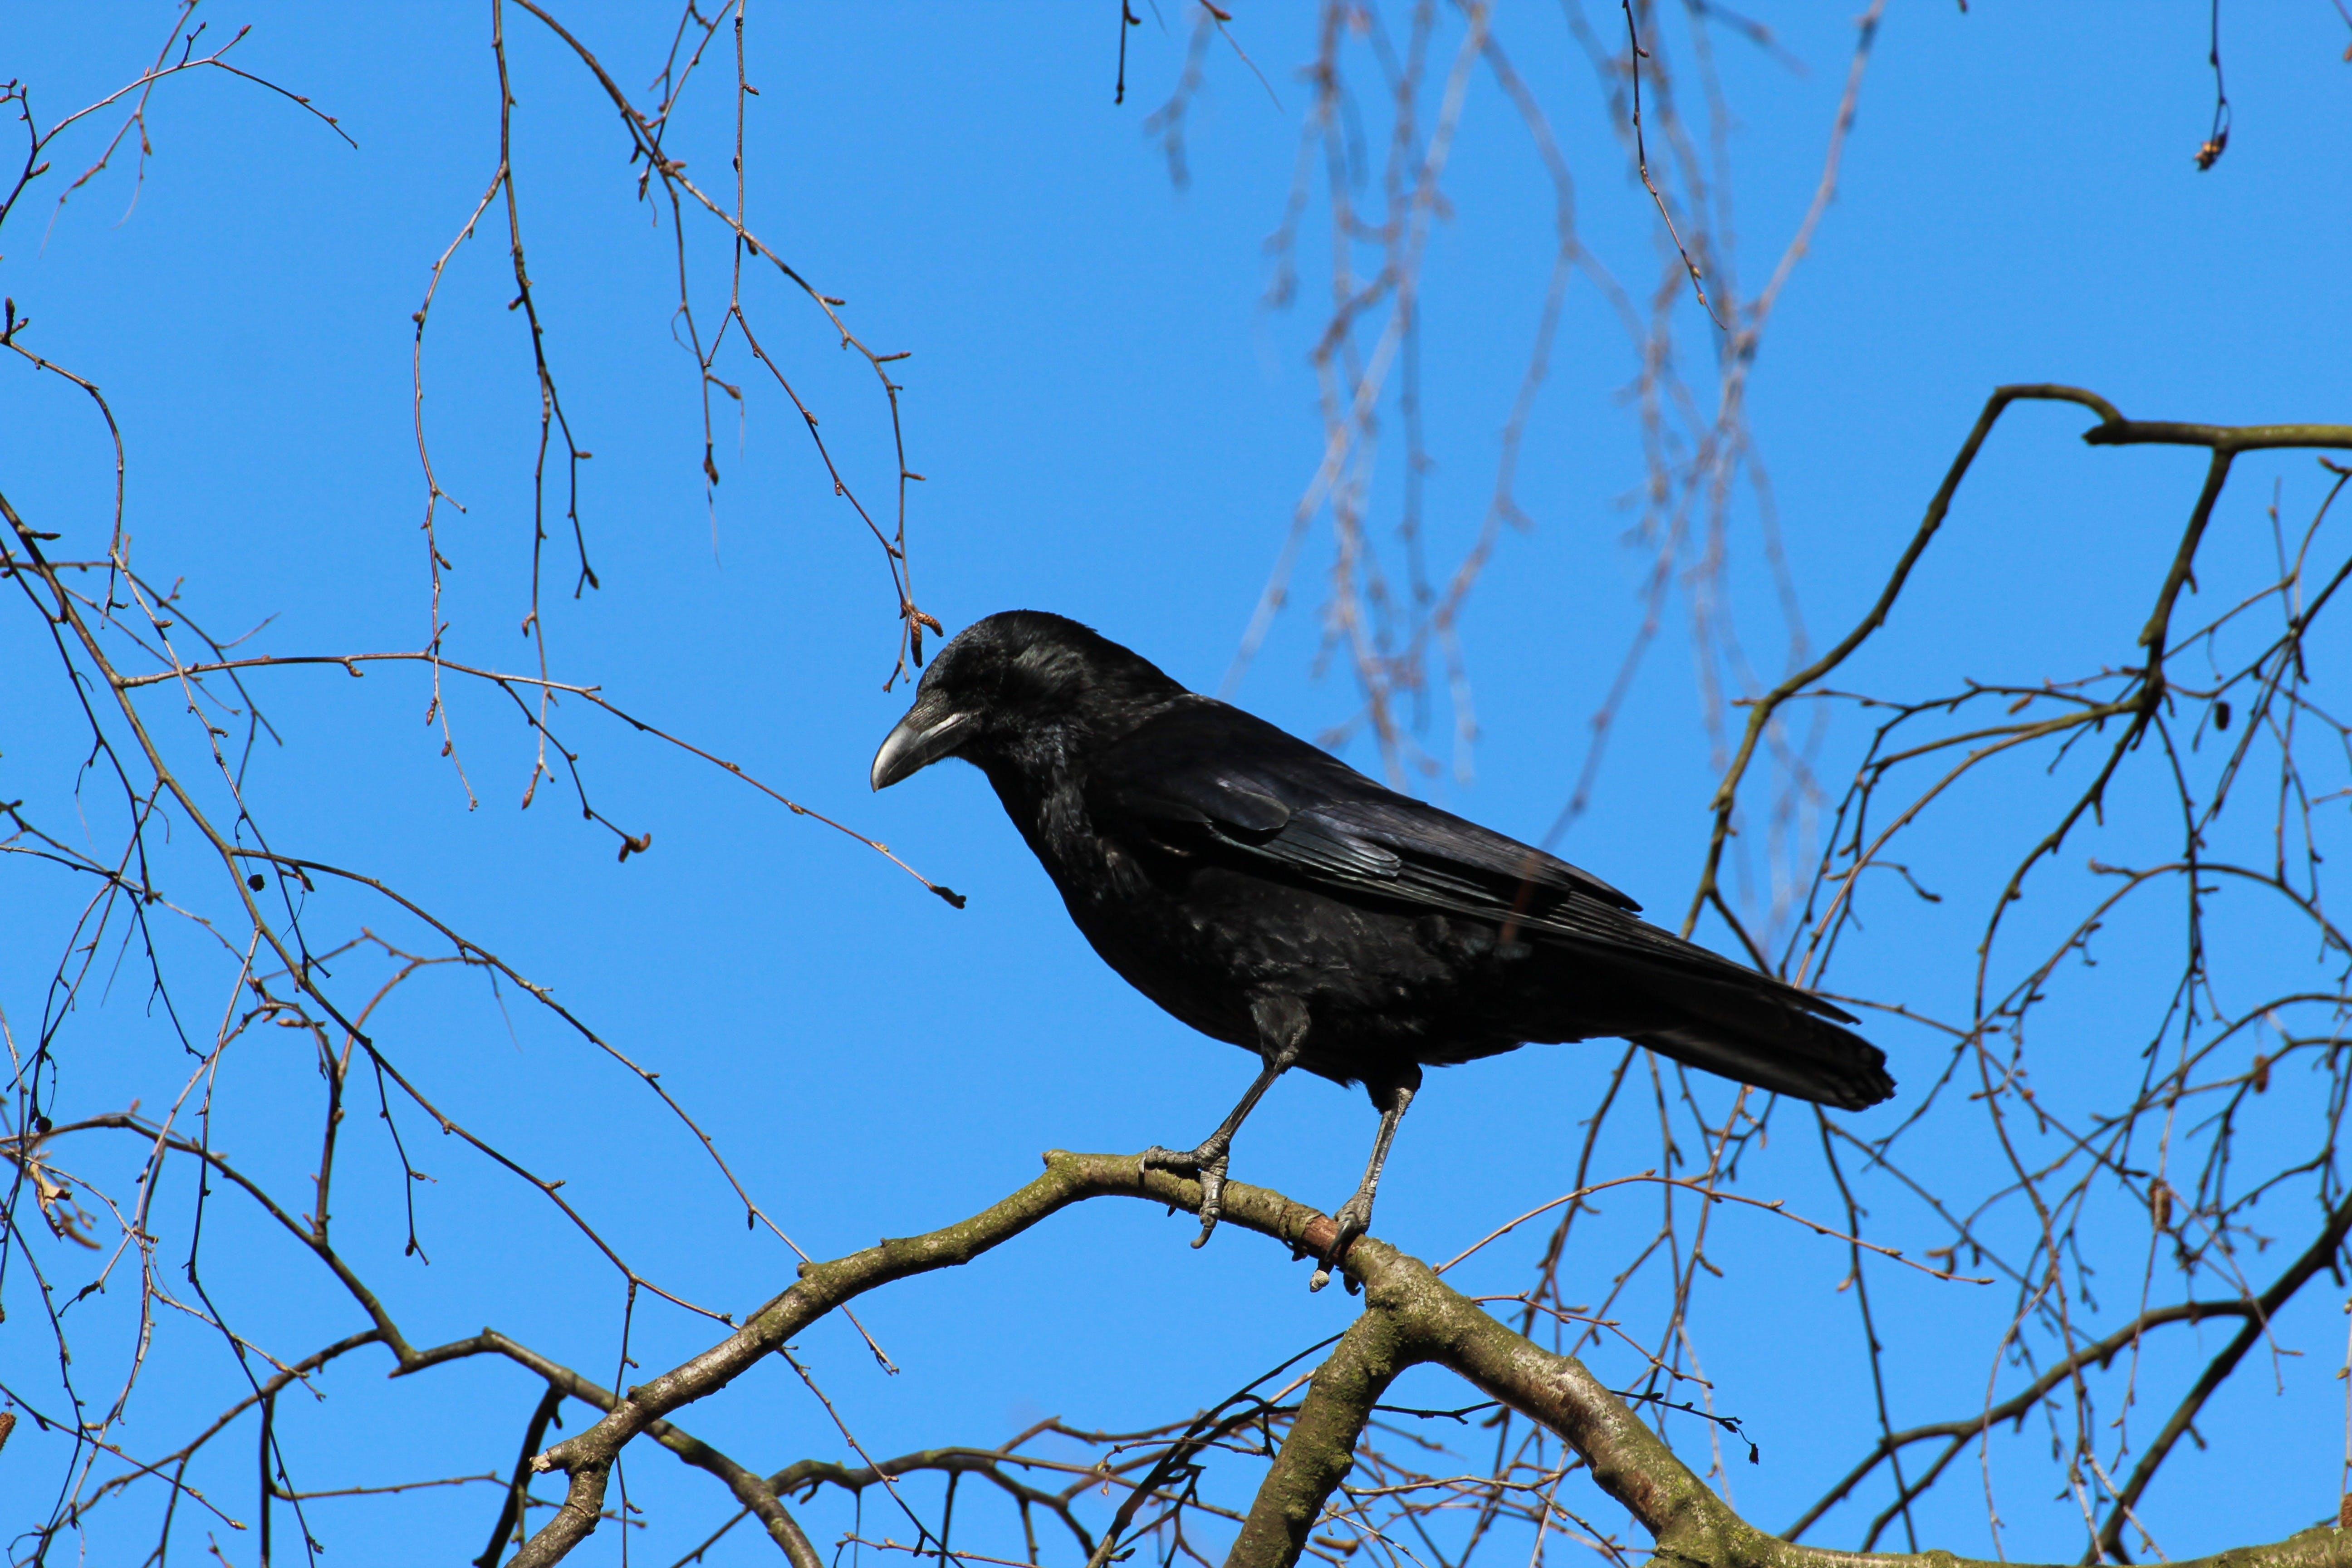 Black Crow Bird